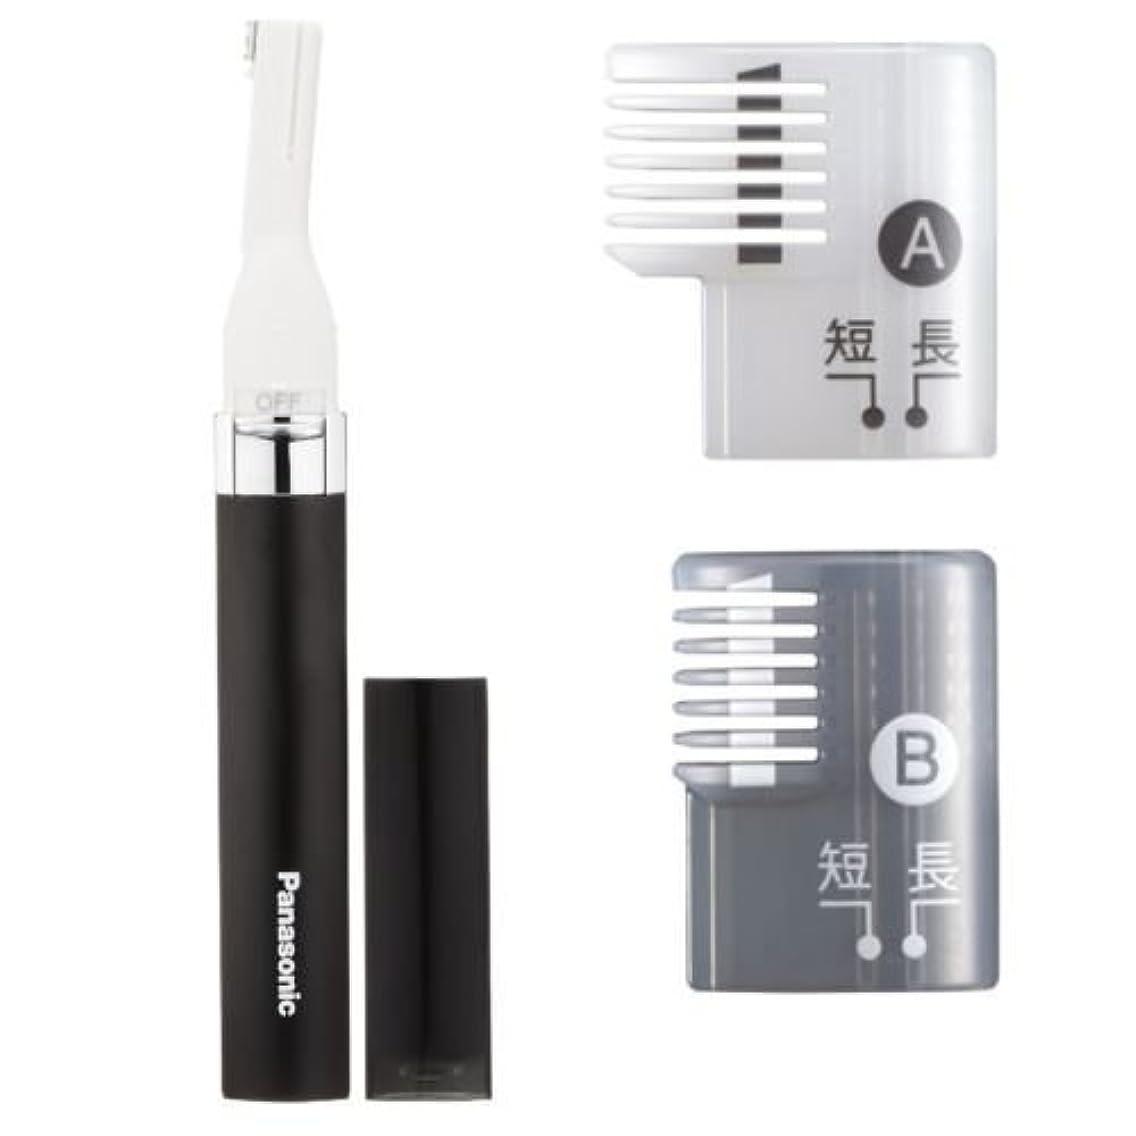 ラジウムヒューム仲人Panasonic ER-GM20-K 眉毛シェーバーキット ERGM20 ブラック [並行輸入品]